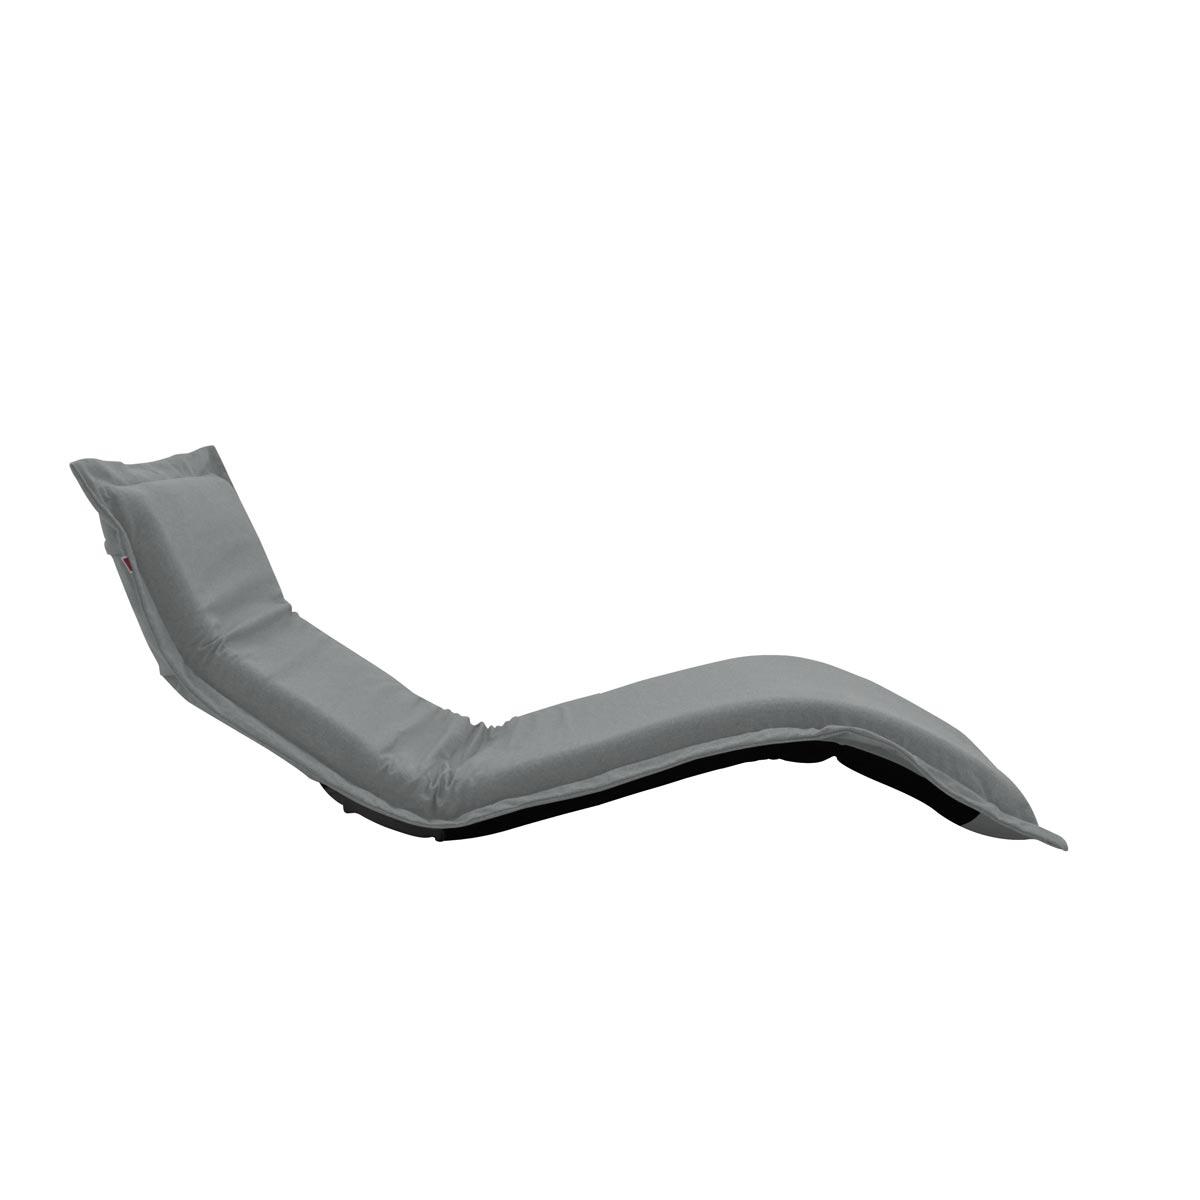 Pufe ClicClac Uno Lounge Tecido Ecolona Cimento 03 04